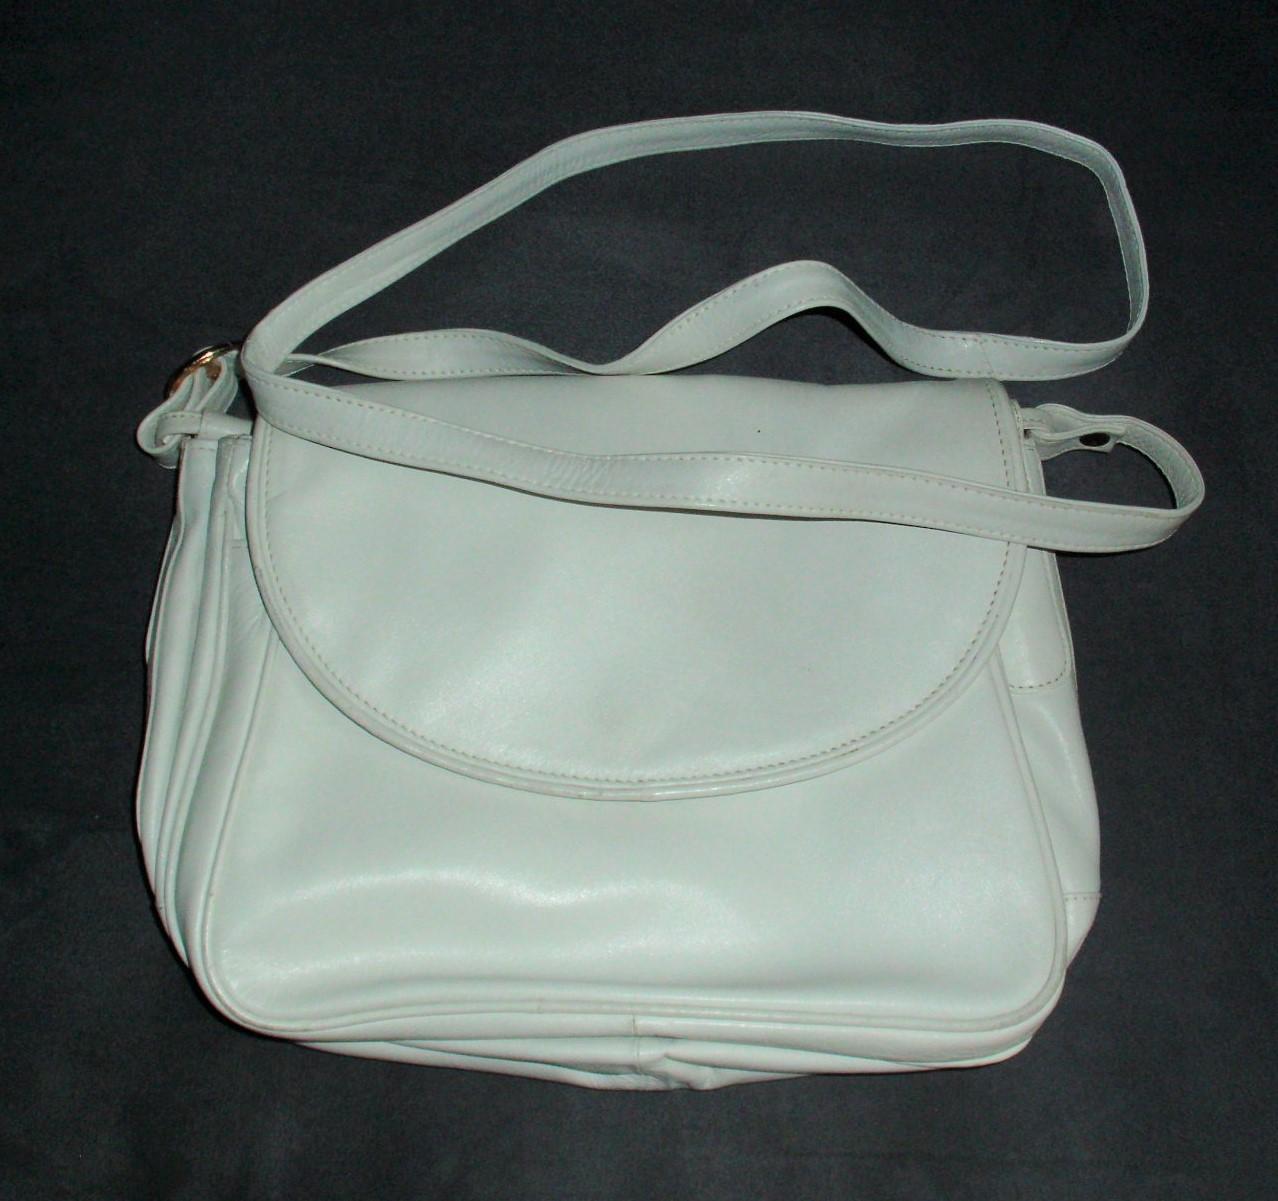 Handtasche weiss Linea Ancora tauschen